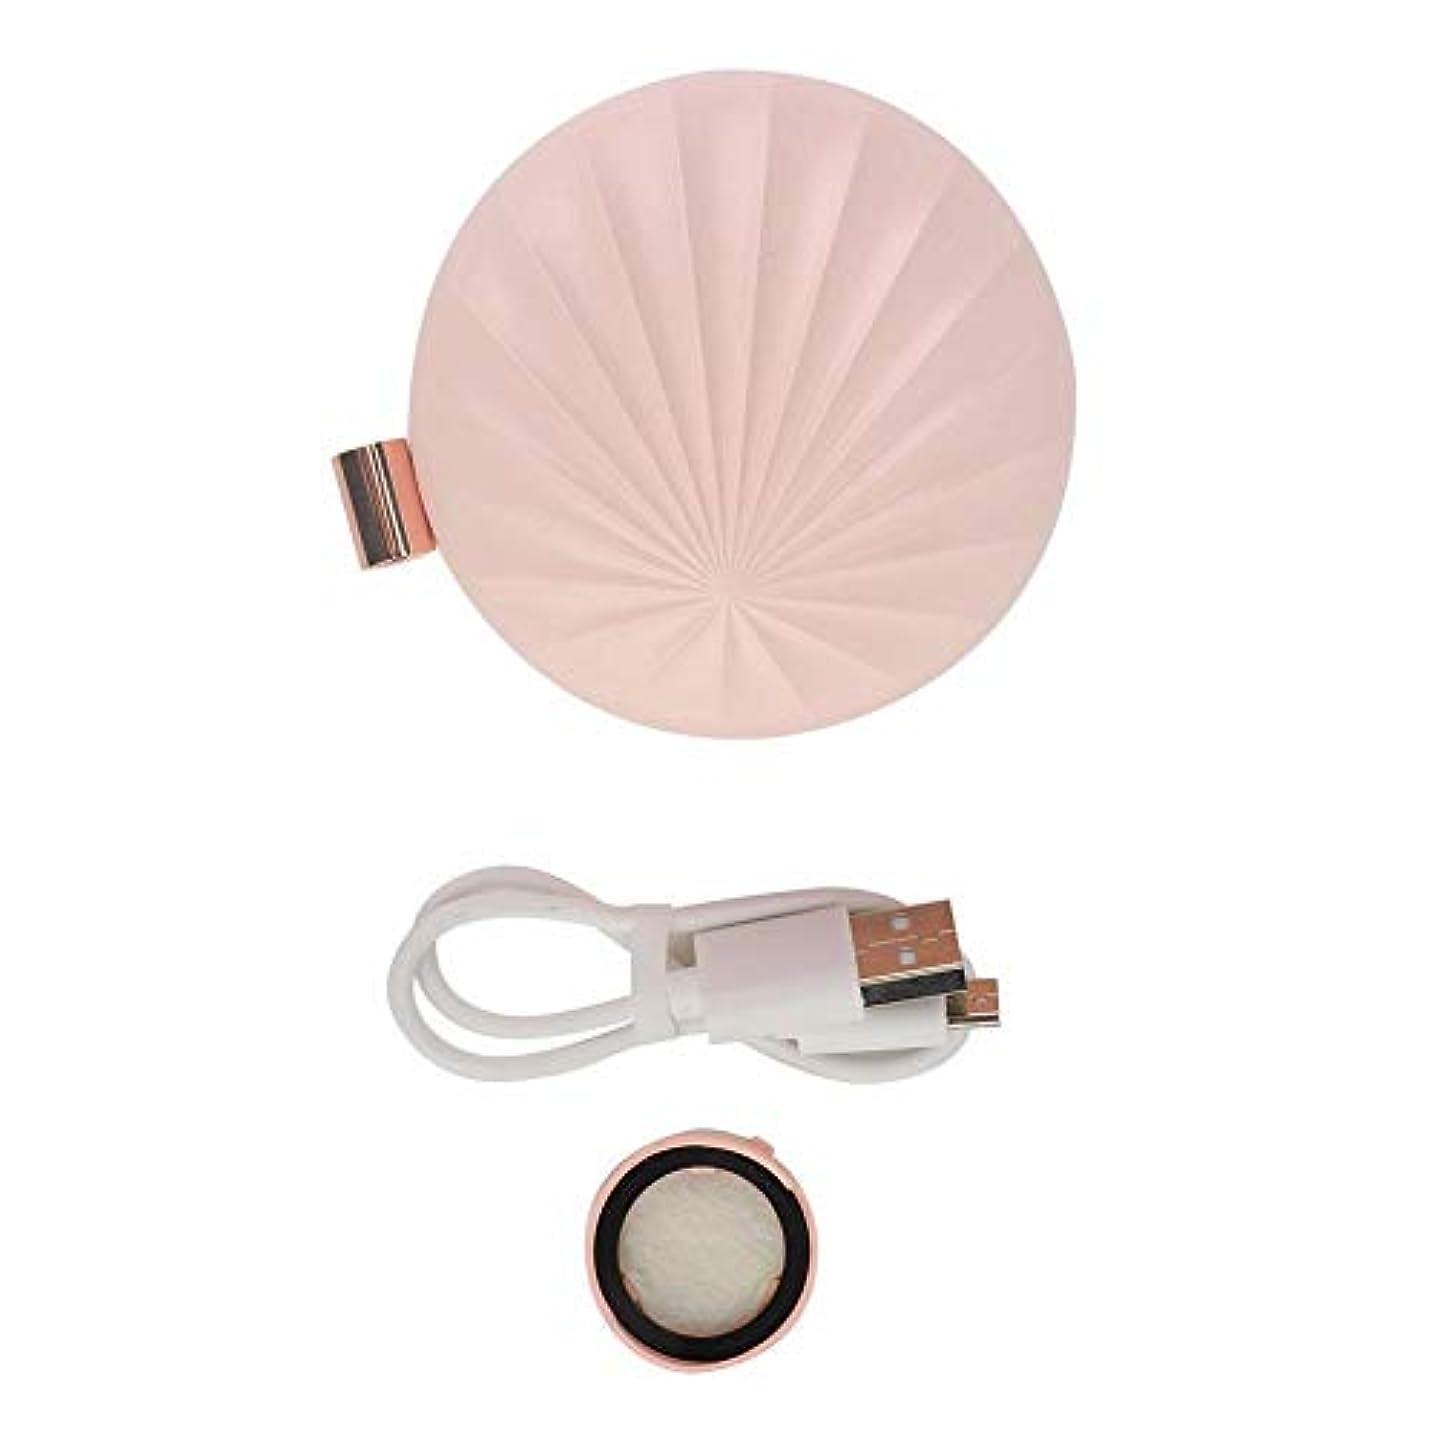 避難フォーラムサロンホームディフューザー、ポータブルアロマディフューザーエッセンシャルオイル香水ディフューザーアロマセラピーカーホームオフィス装飾 (ピンク)